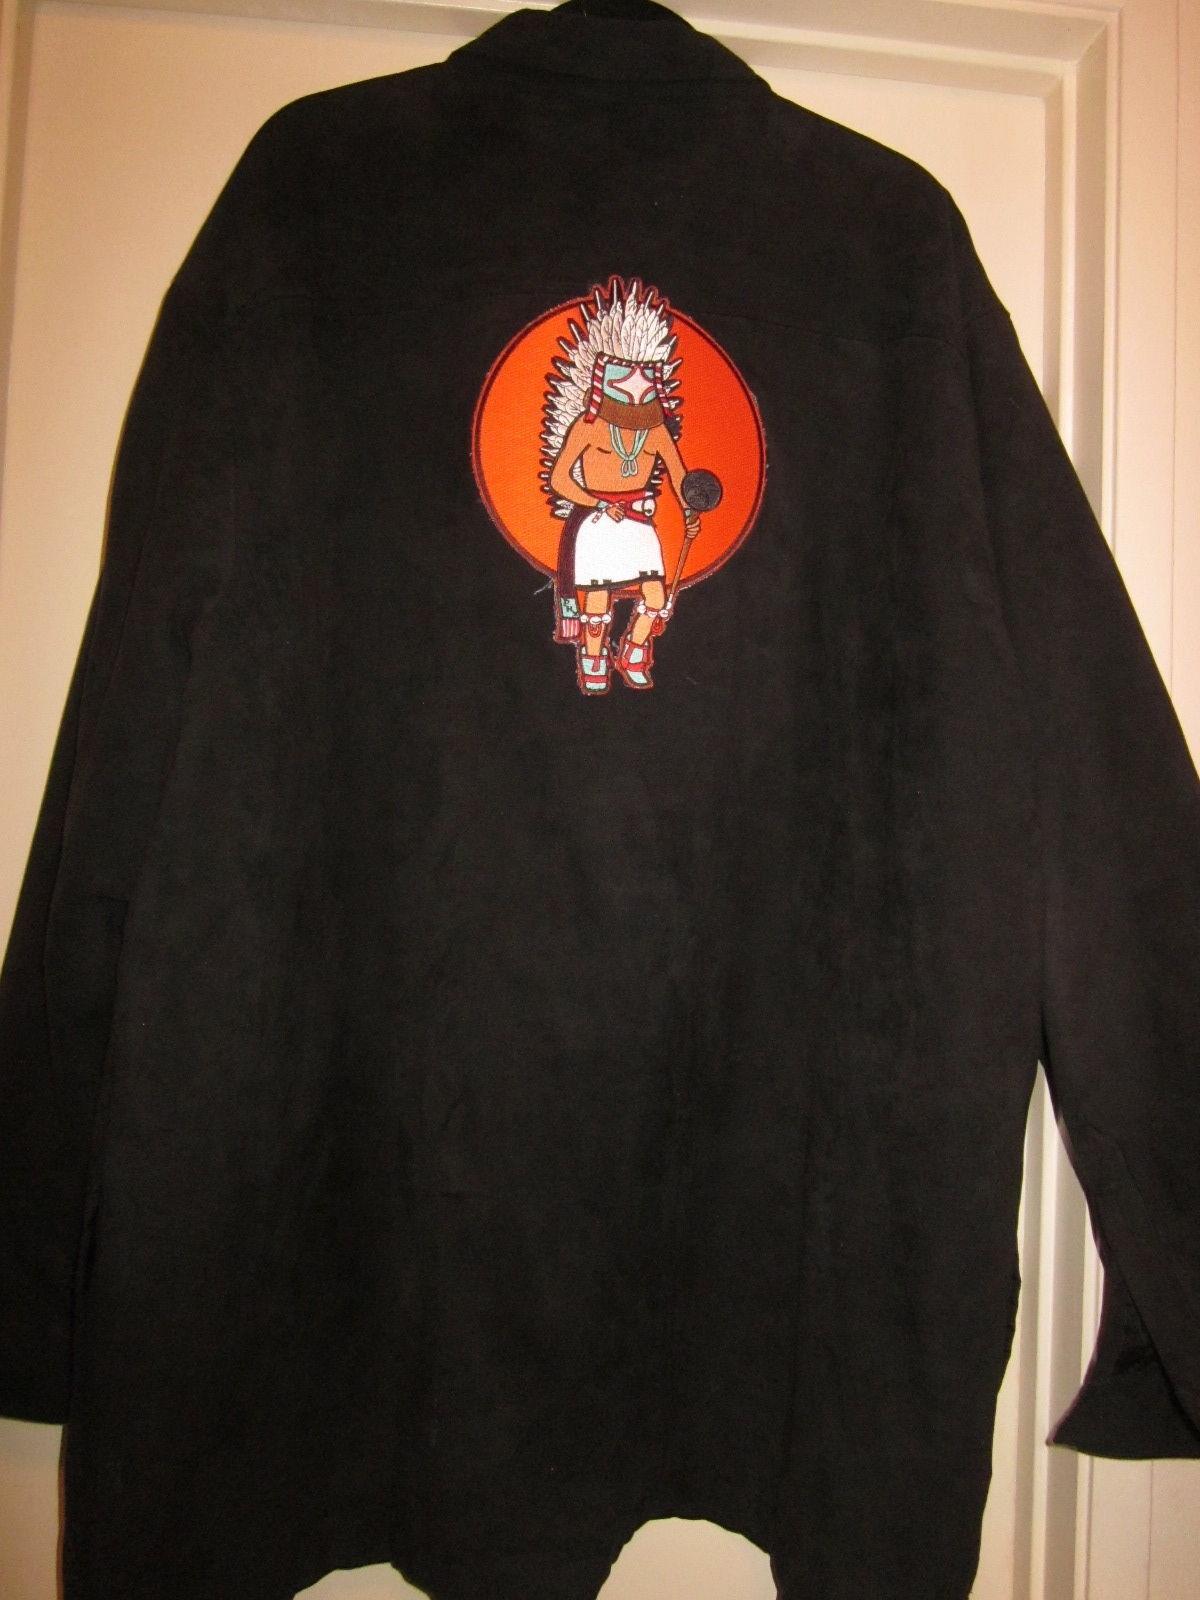 Men's XXL Black High Sierra Jacket w/Indian Patch on Back - $25.00